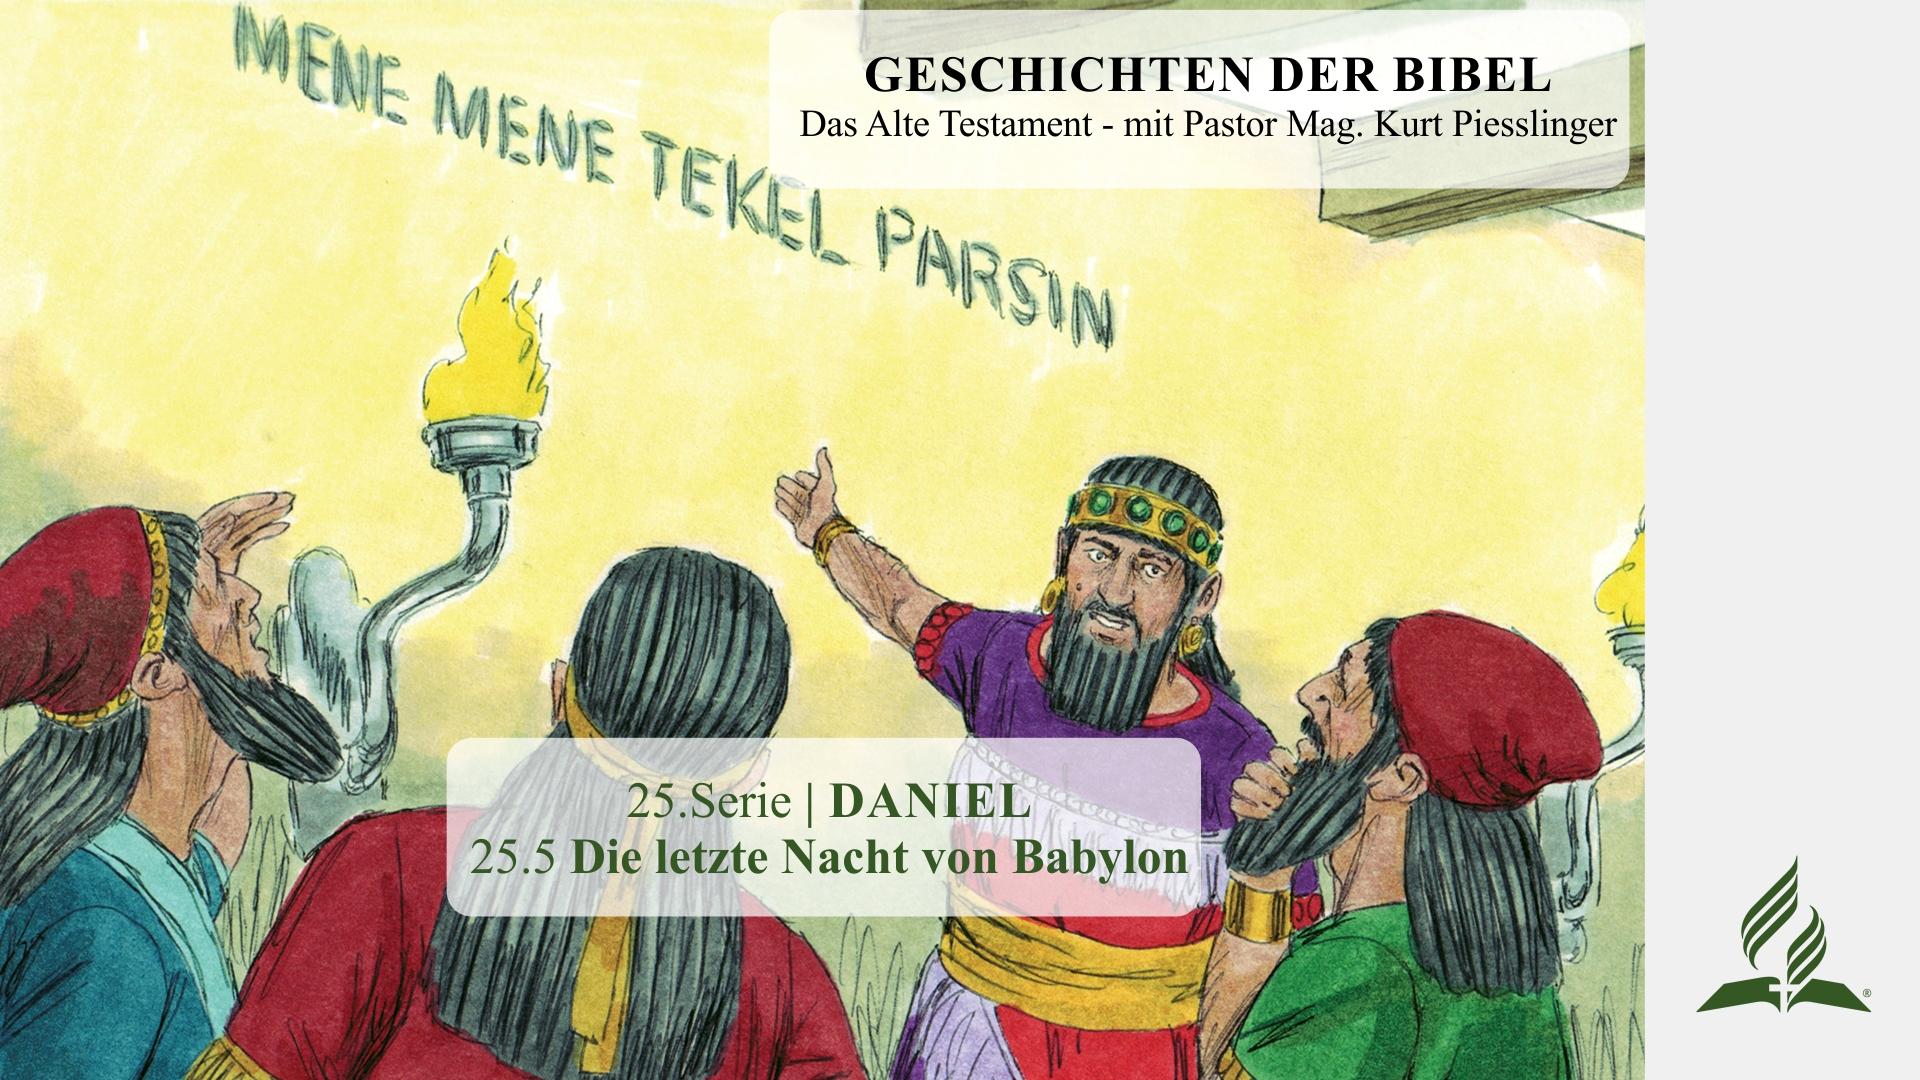 GESCHICHTEN DER BIBEL: 25.5 Die letzte Nacht von Babylon – 25.DANIEL | Pastor Mag. Kurt Piesslinger